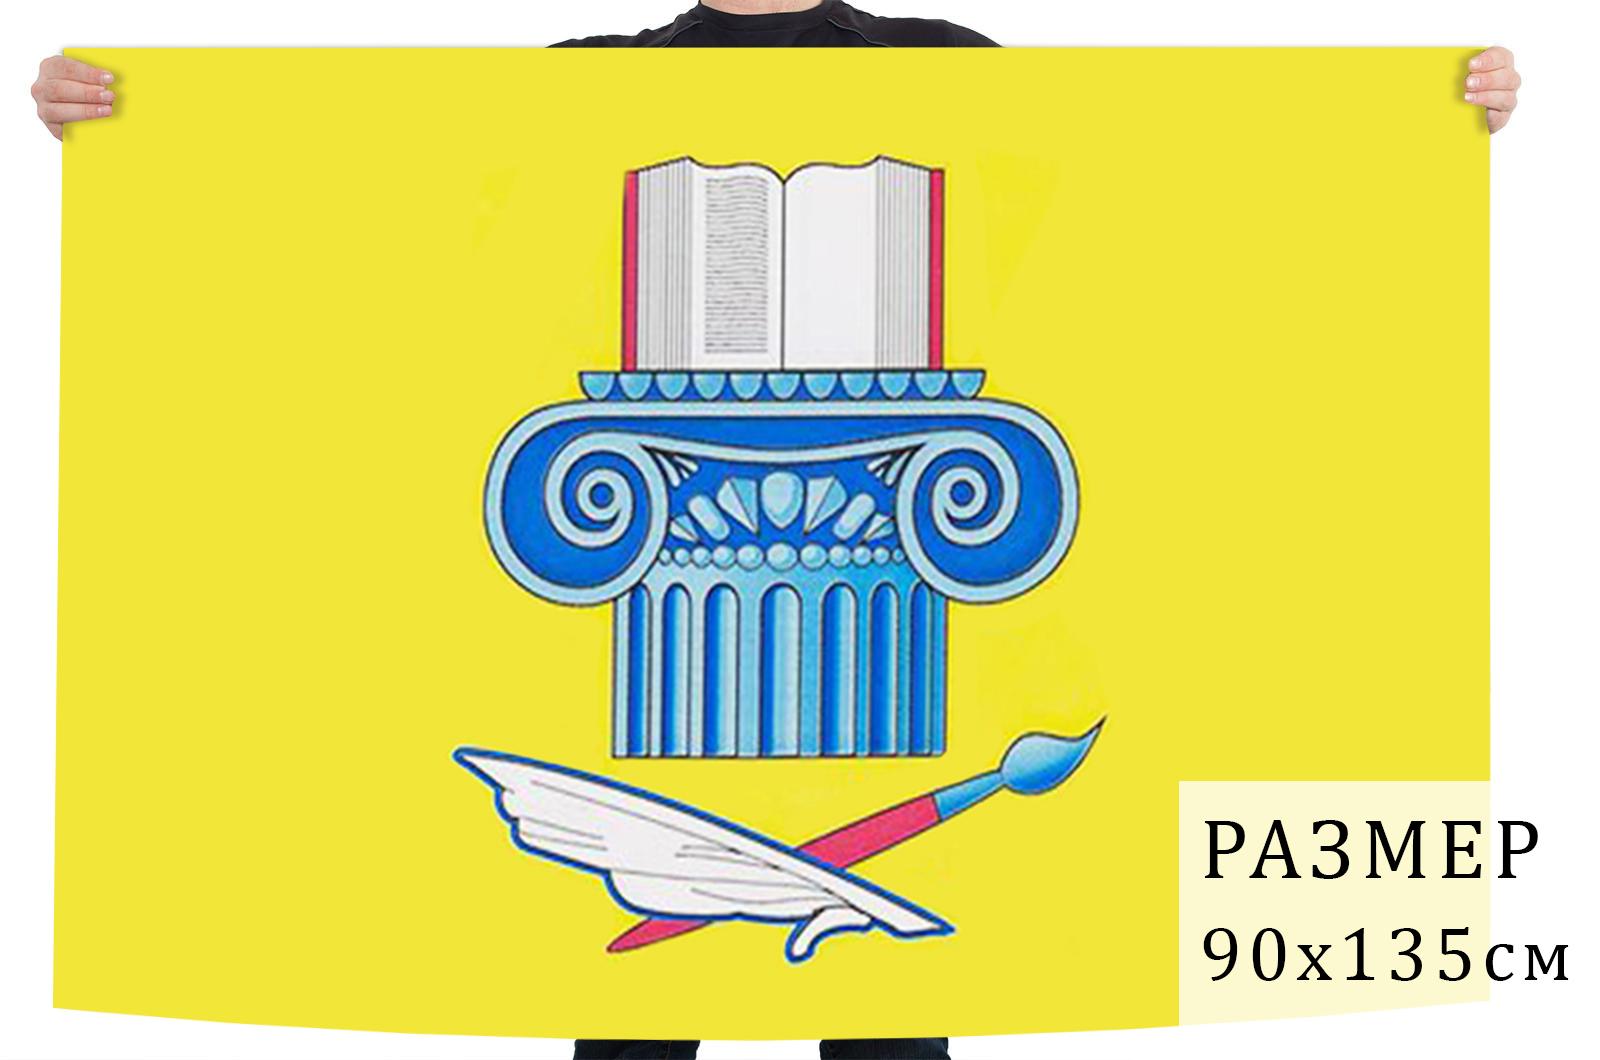 Флаг муниципального образования Арбат г. Москва